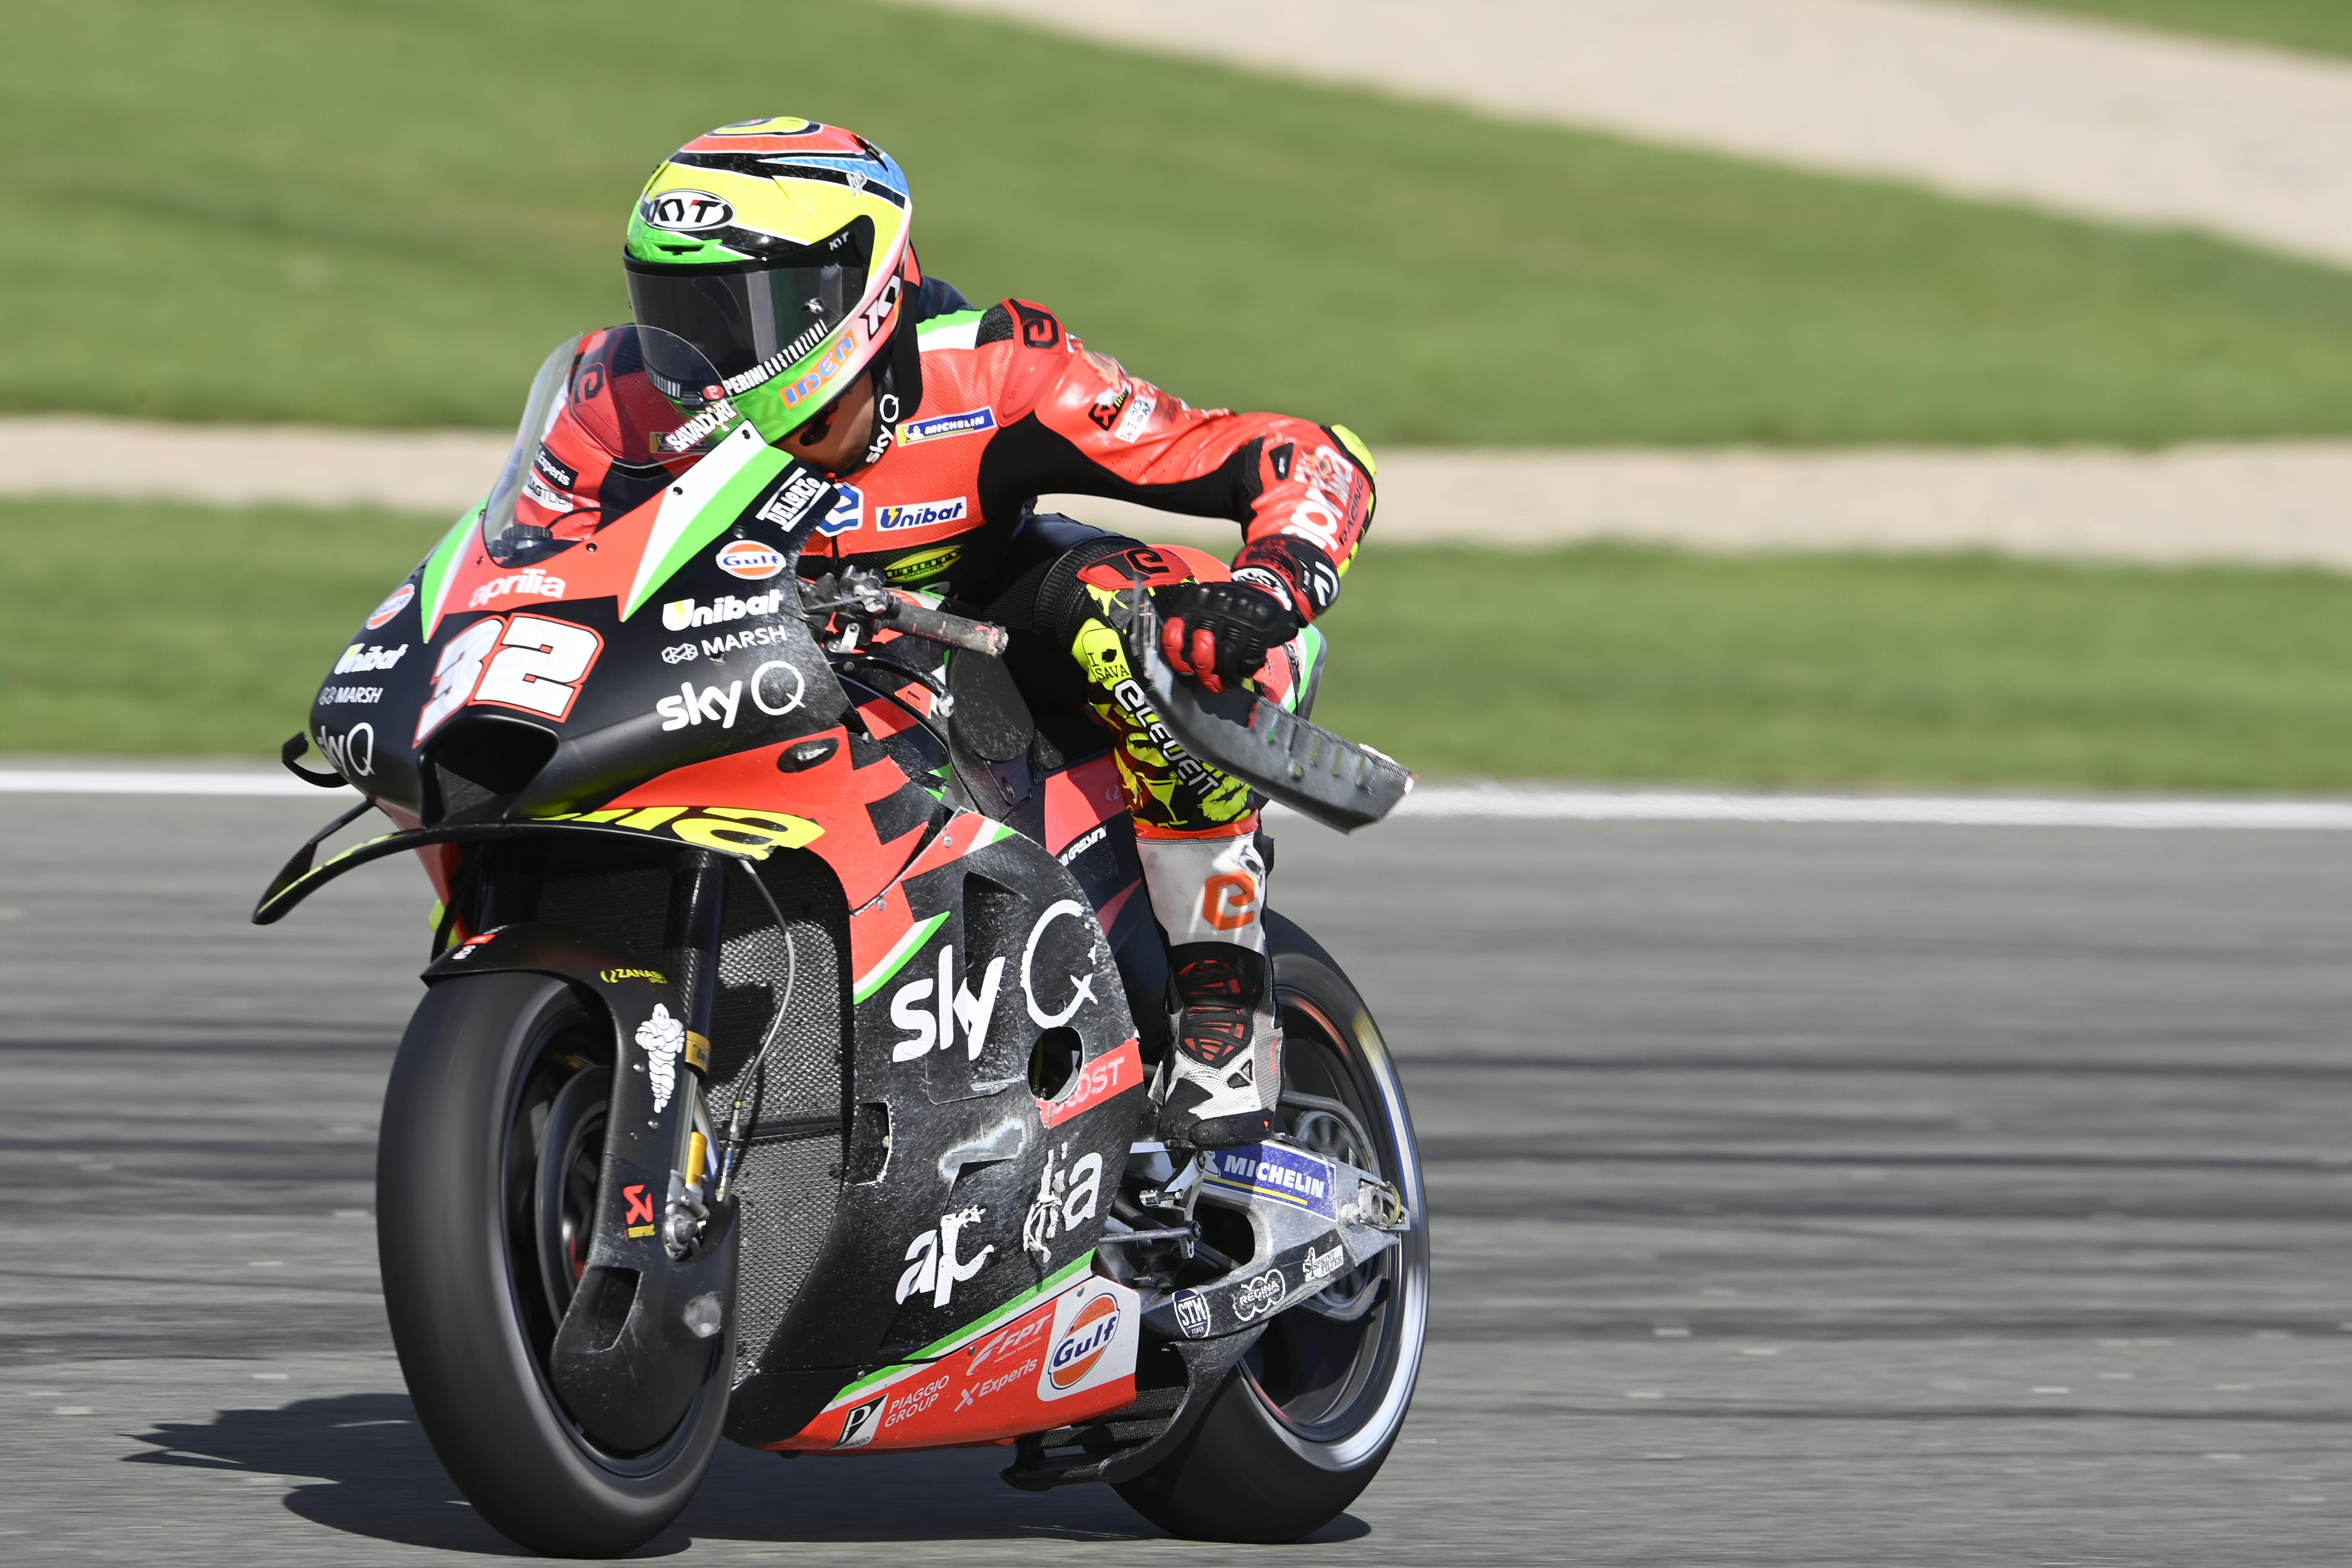 Lorenzo Savadori Aprilia Valencia MotoGP 2020